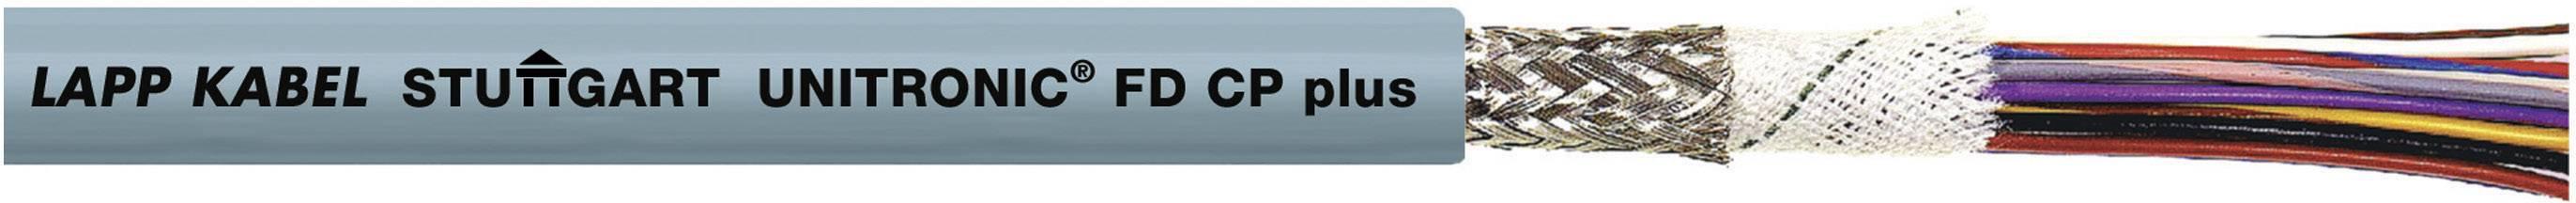 Datový kabel LappKabel UNITRONIC FD CP PLUS 4X0,14 (0028882), 4x 0,14 mm², Ø 4,8 mm, stíněný, 100 m, šedá